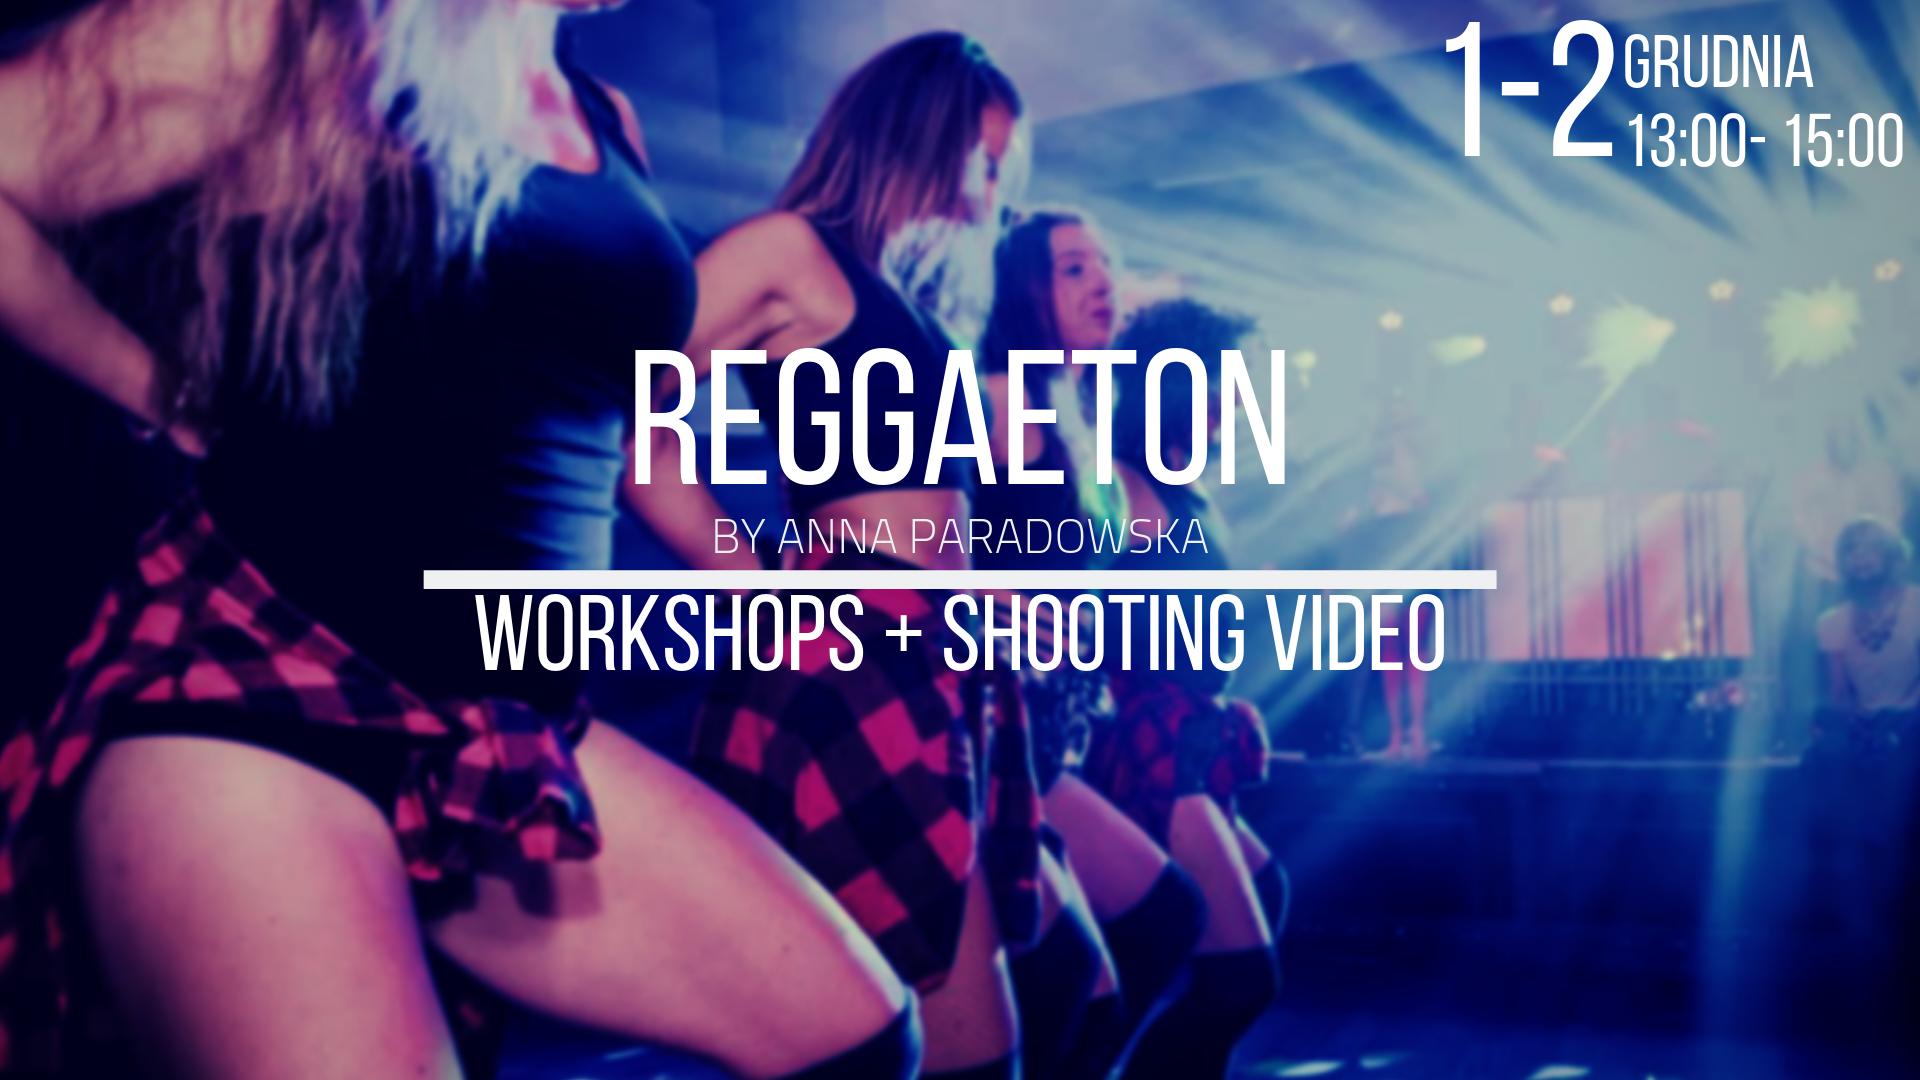 warsztaty reggaetonu